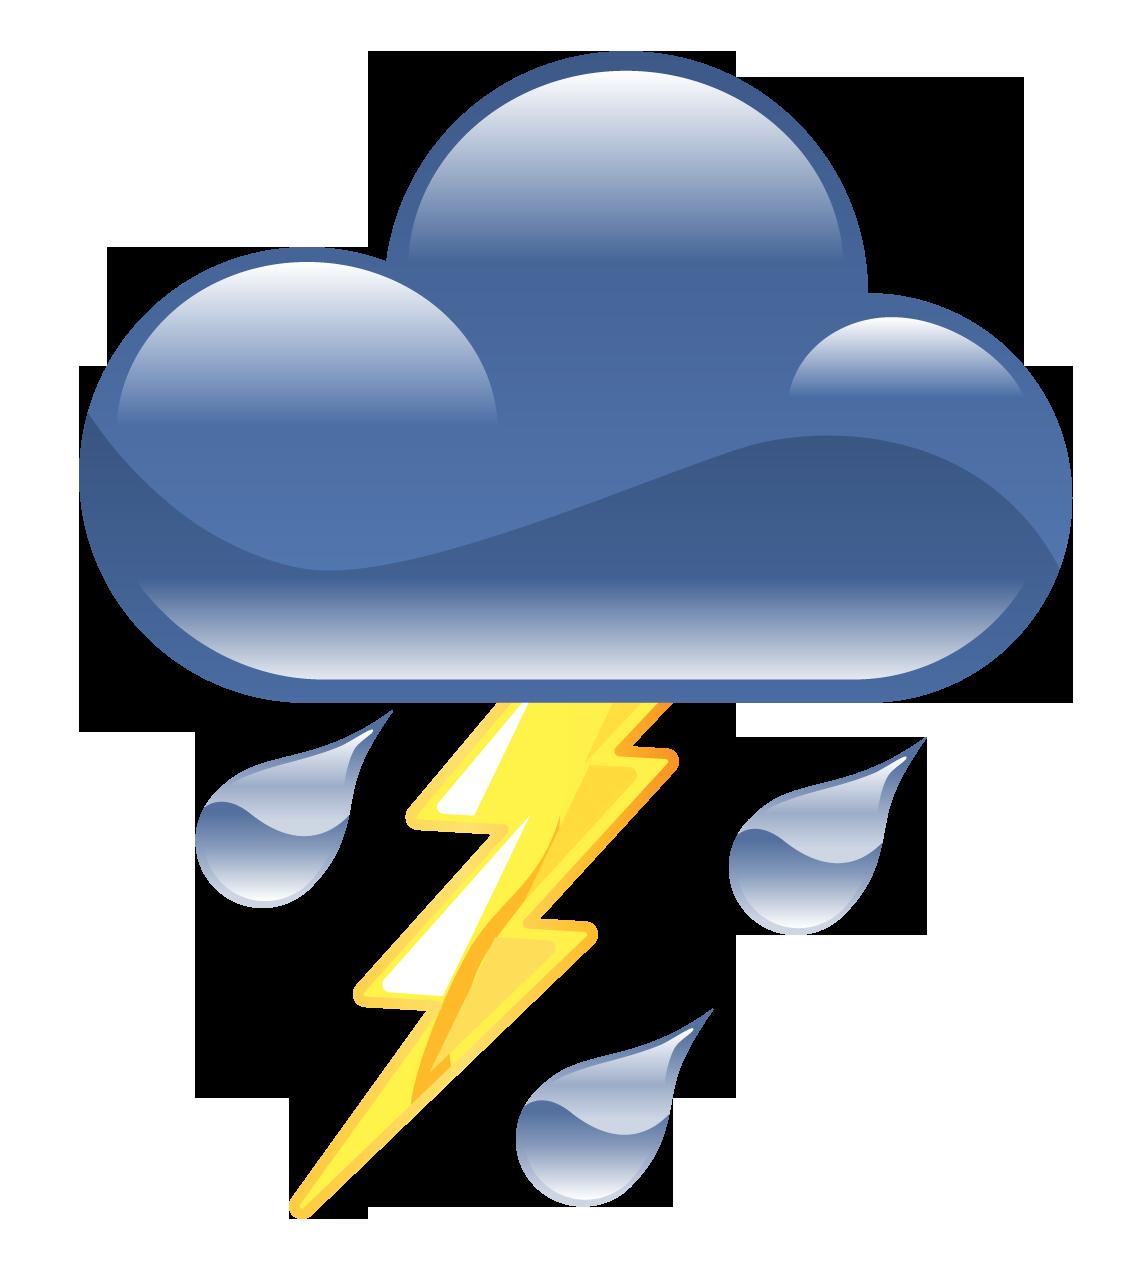 Thunderstorm clipart science sound. Teacher testimonials template fun